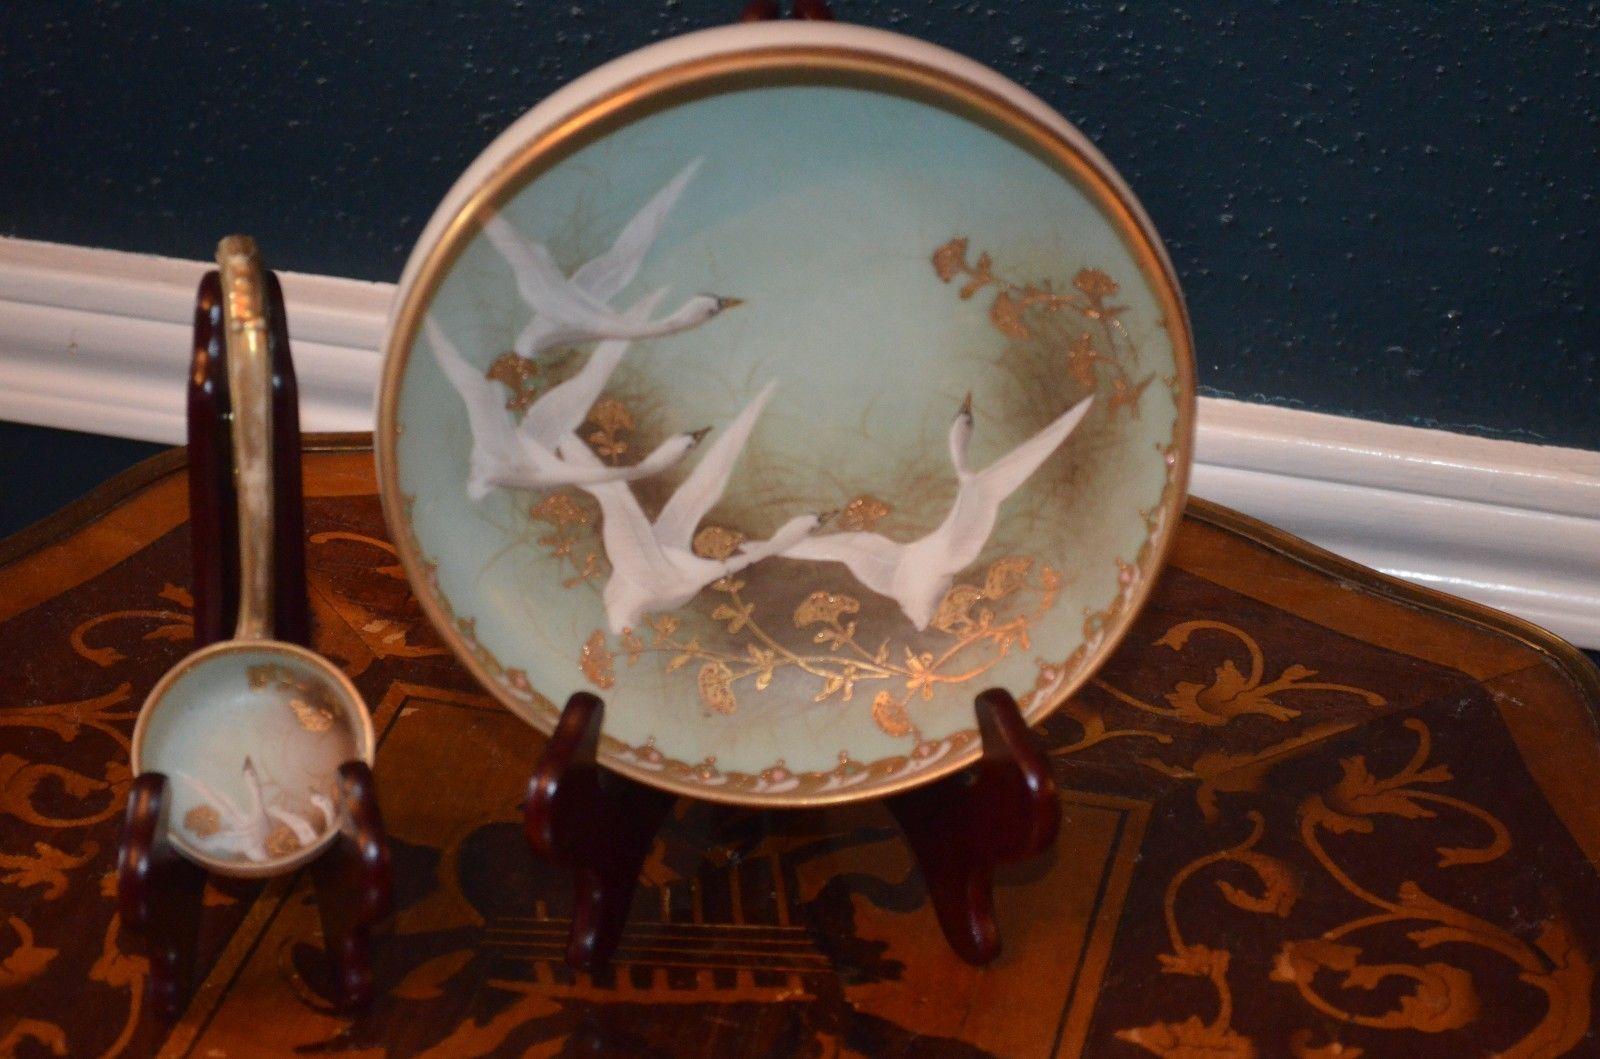 オールドノリタケ 飾り皿と柄杓のセット